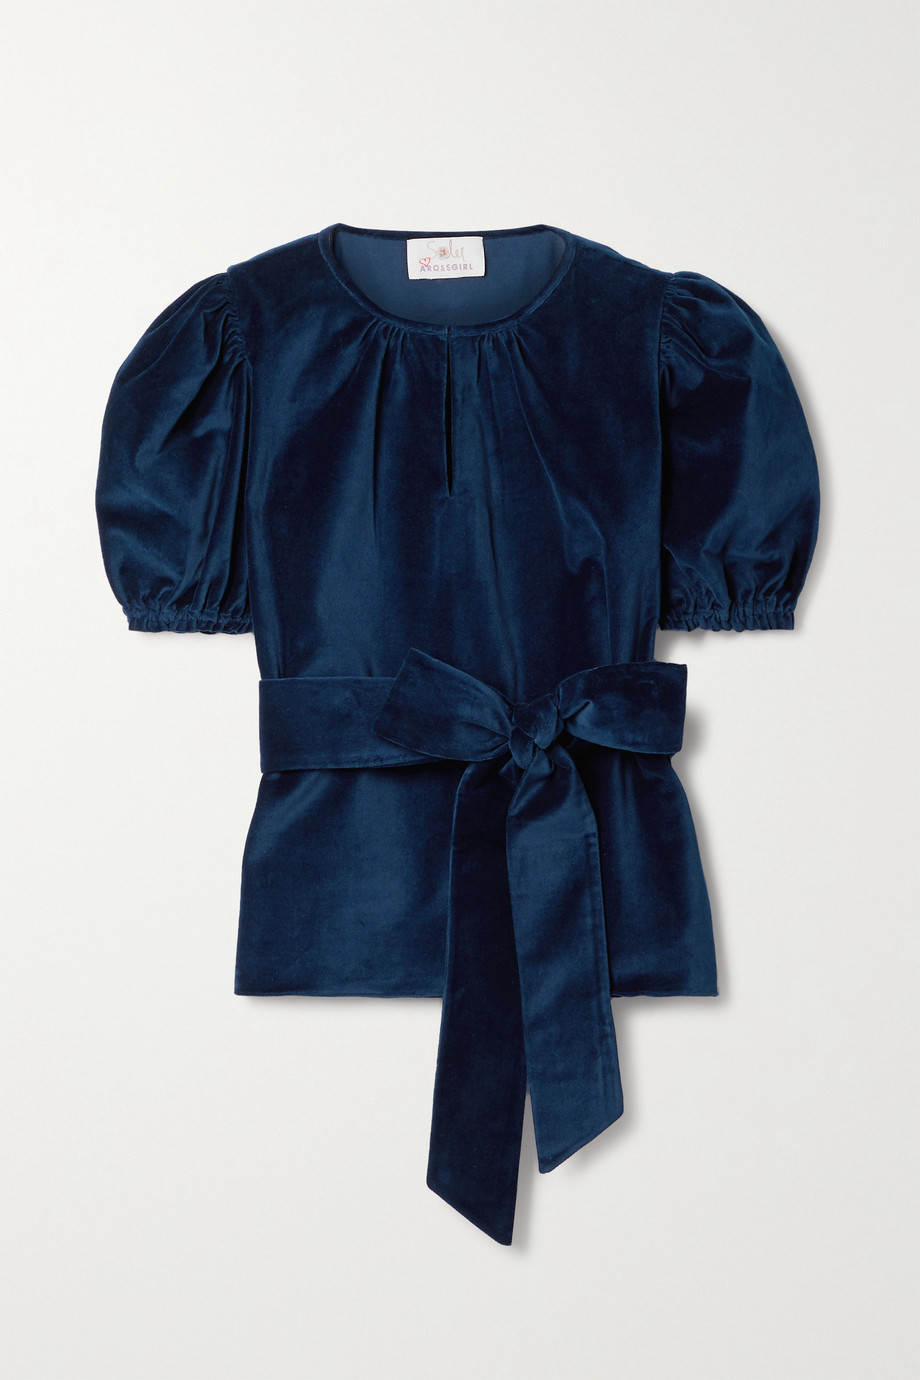 ARoss Girl x Soler Ines belted cotton-velvet blouse